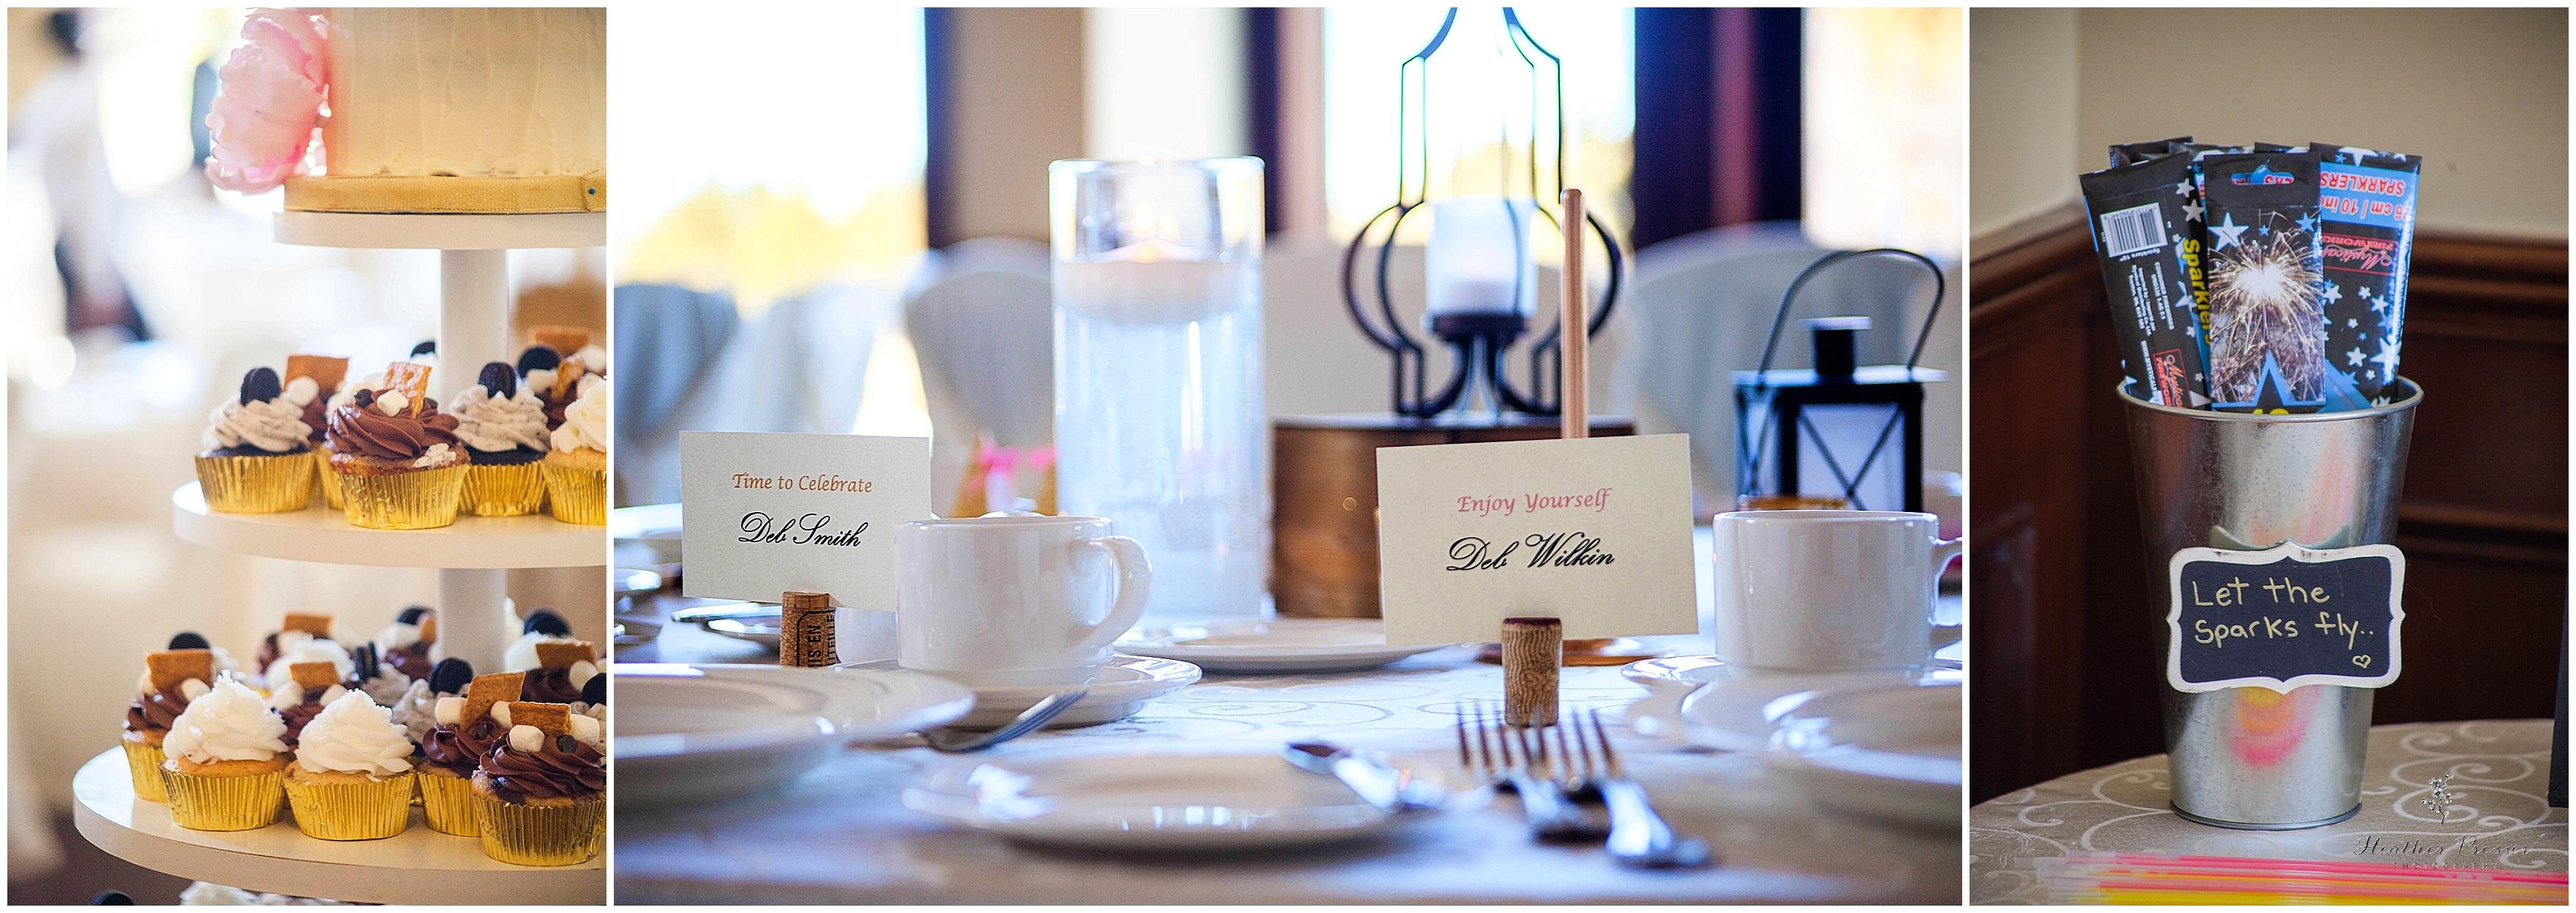 NestletonWatersInn-wedding_0122.jpg